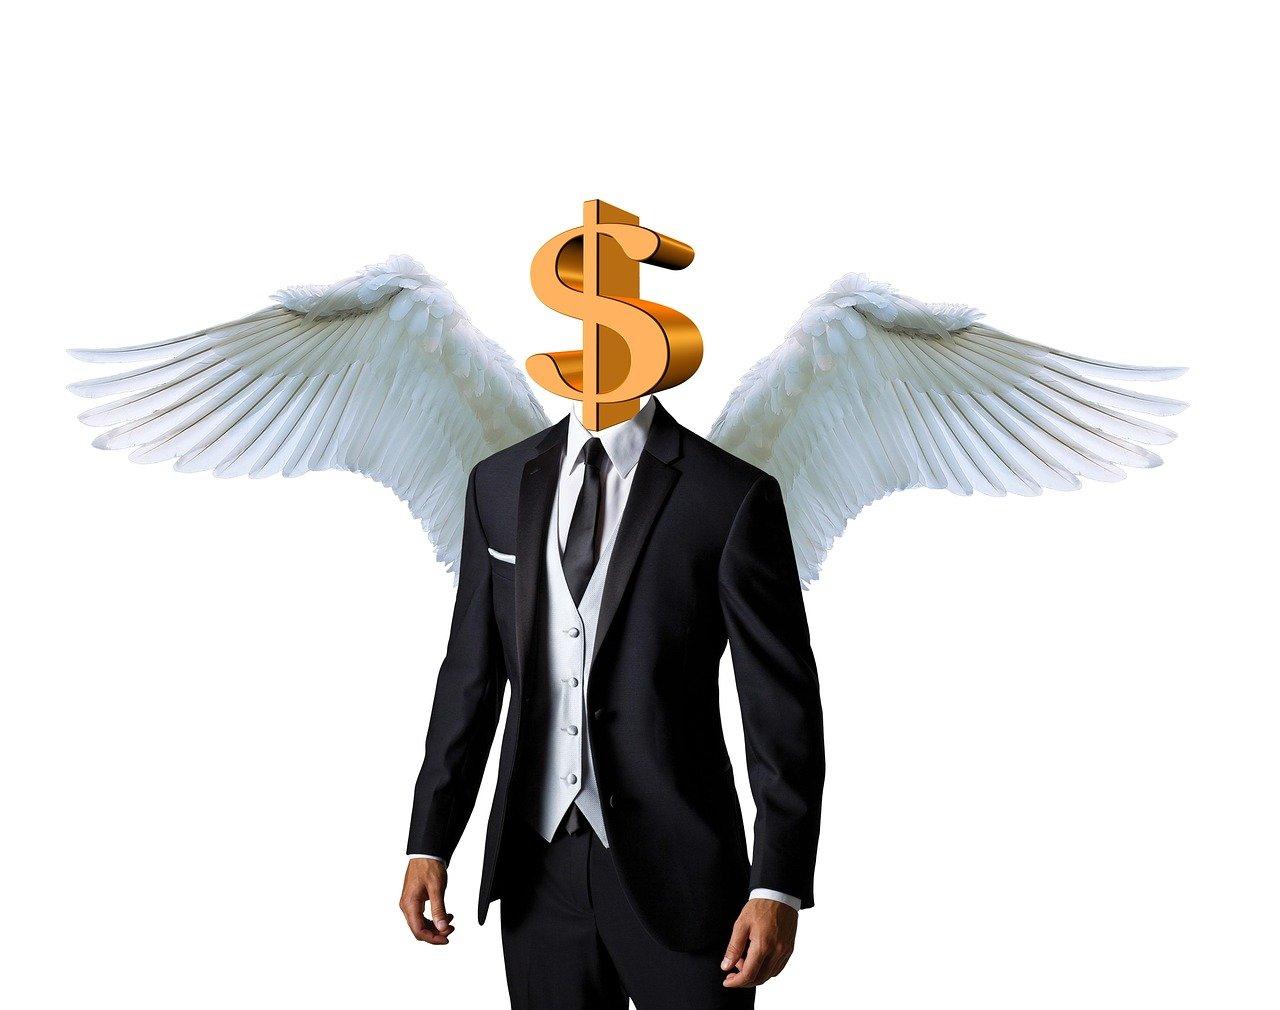 VCから出資を受けるメリットとデメリット、融資との違いとは